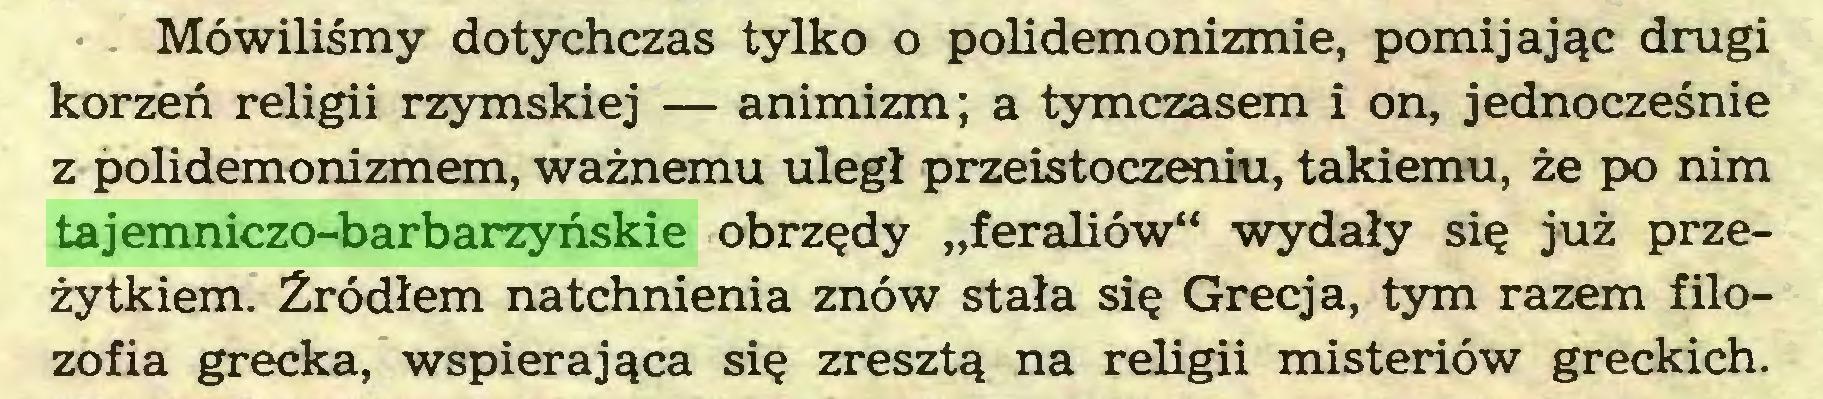 """(...) Mówiliśmy dotychczas tylko o polidemonizmie, pomijając drugi korzeń religii rzymskiej — animizm; a tymczasem i on, jednocześnie z polidemonizmem, ważnemu uległ przeistoczeniu, takiemu, że po nim tajemniczo-barbarzyńskie obrzędy """"feraliów"""" wydały się już przeżytkiem. Źródłem natchnienia znów stała się Grecja, tym razem filozofia grecka, wspierająca się zresztą na religii misteriów greckich..."""